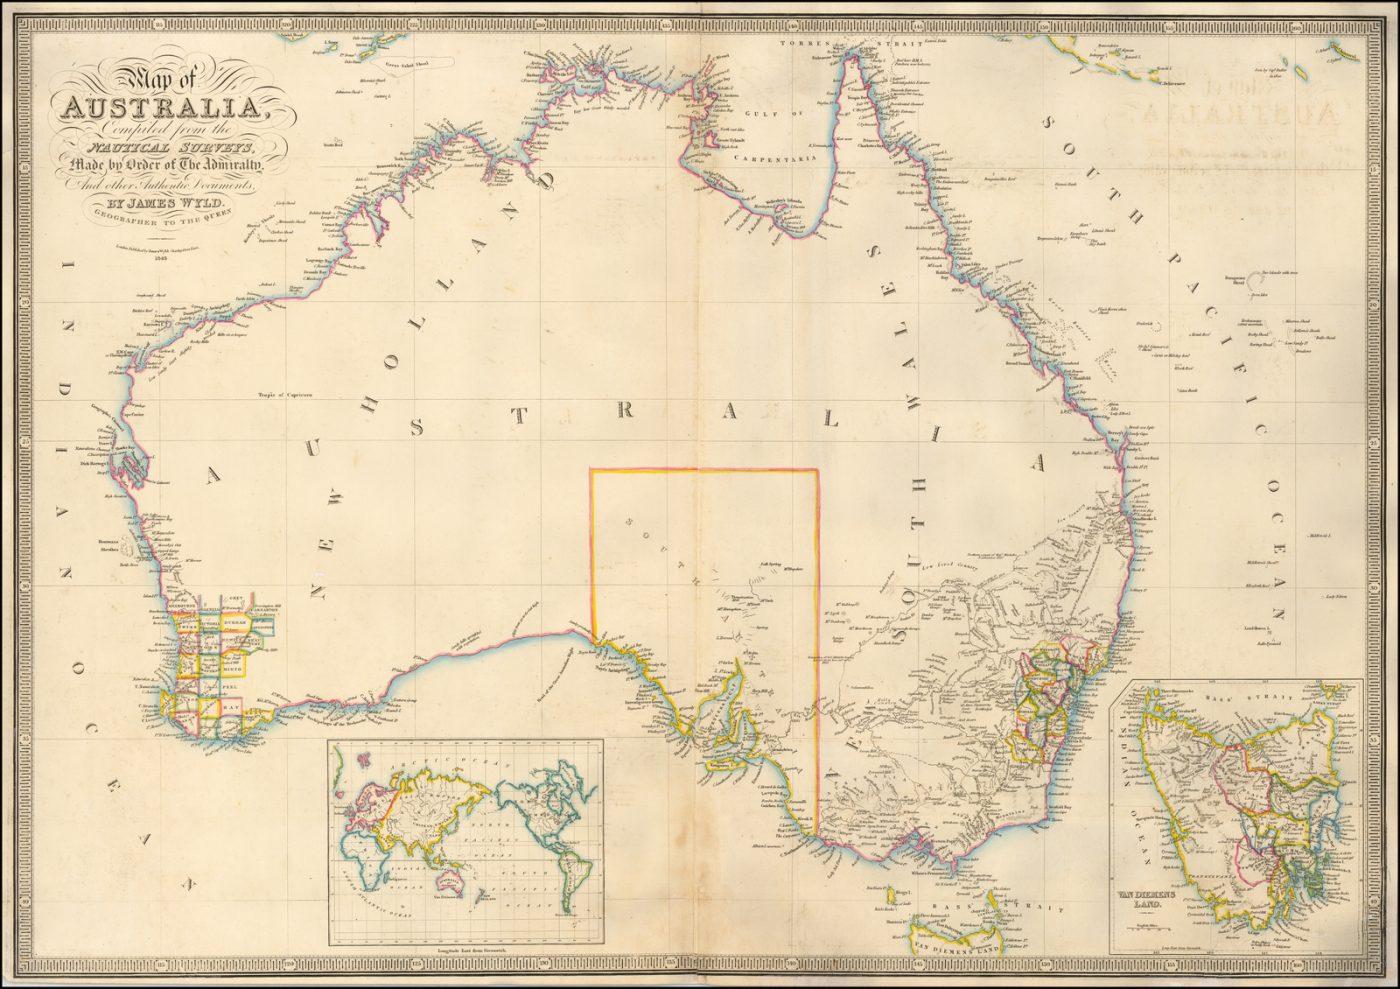 Увлекательная карта Австралии Джеймса Уайлда, включающая открытия из экспедиций вглубь страны